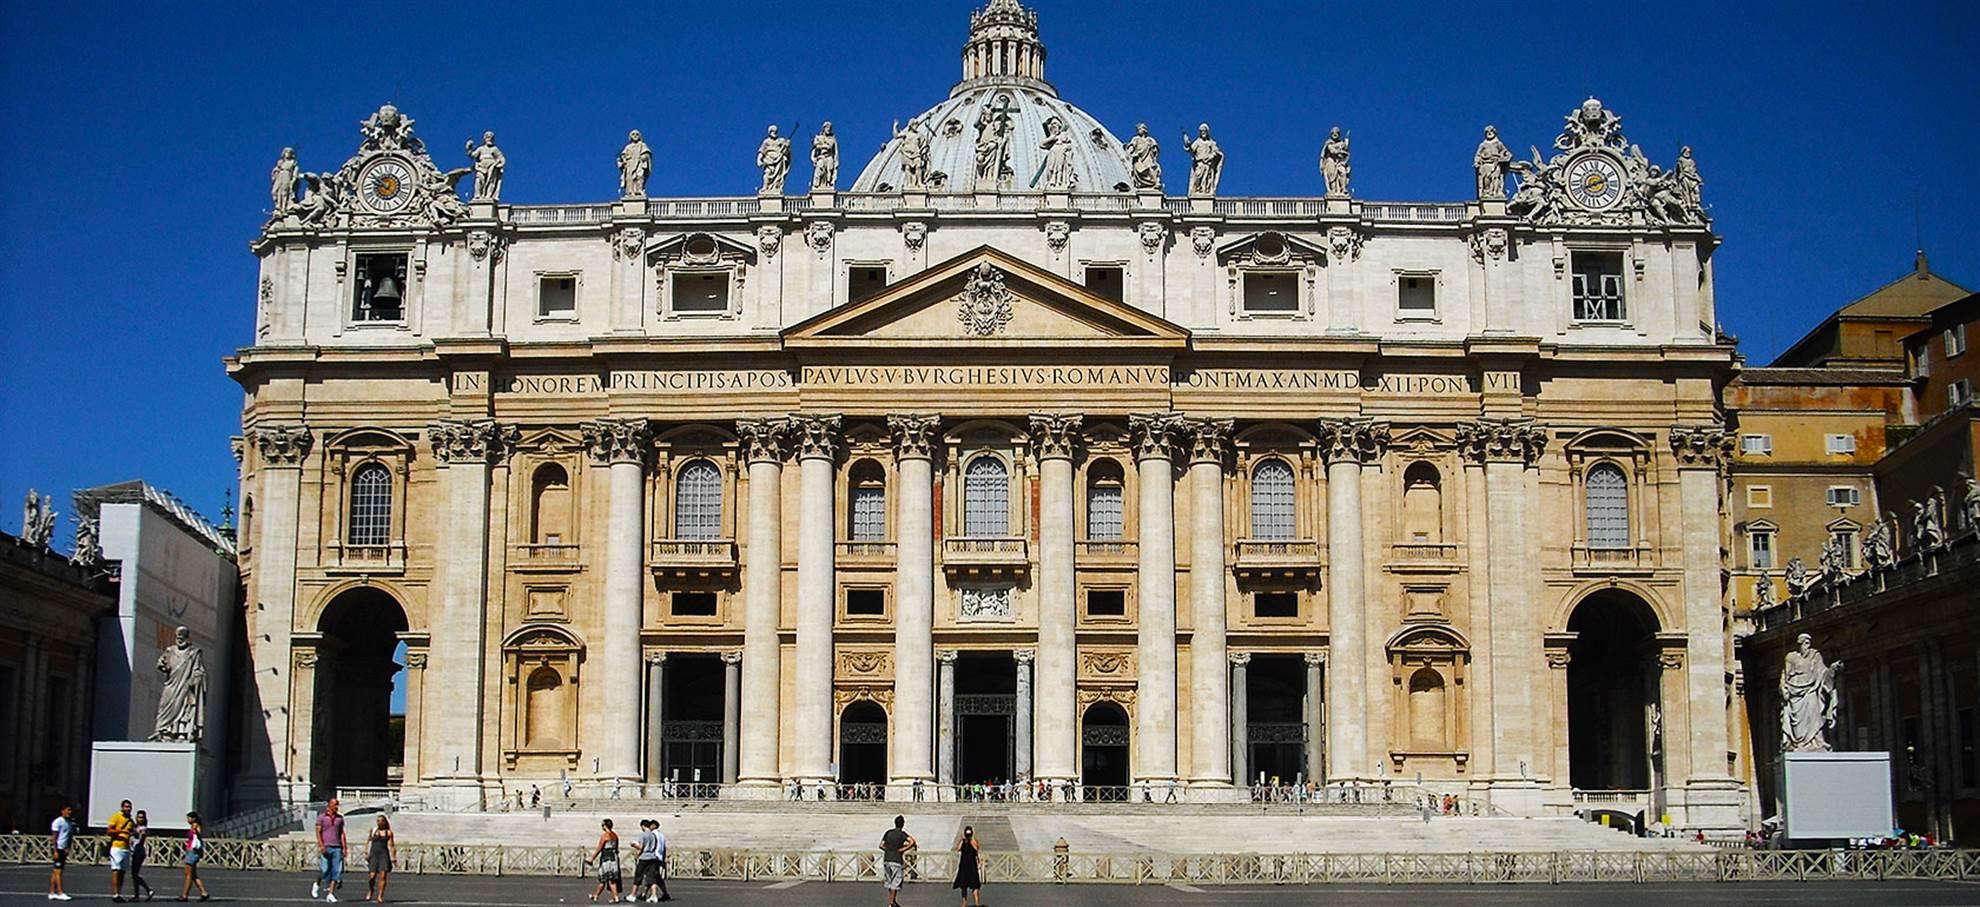 Basílica de San Pedro - Tour privado